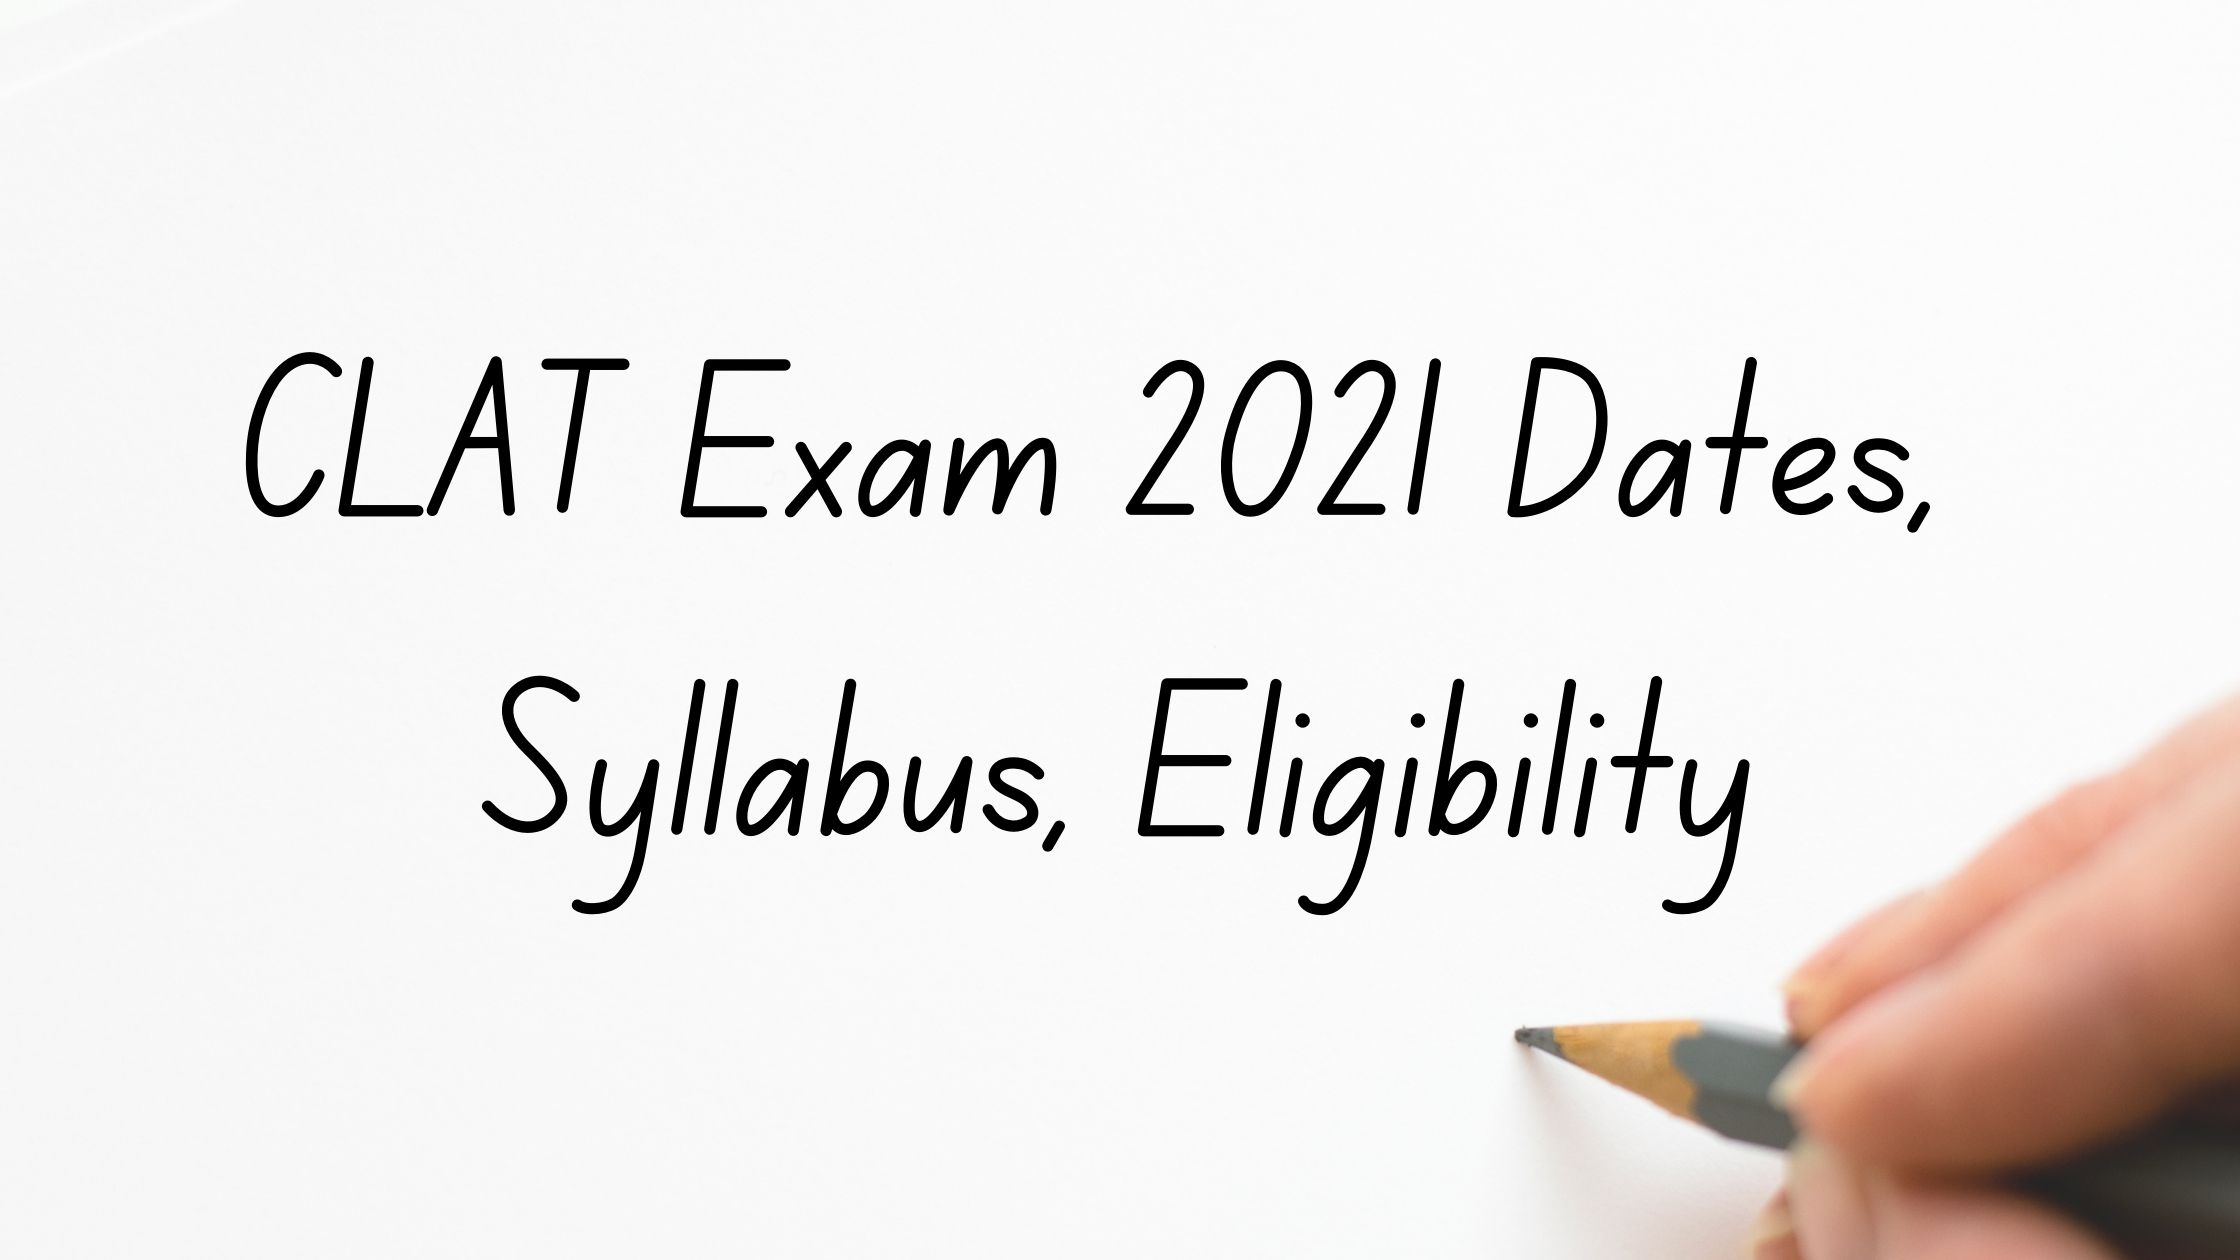 CLAT Exam 2021, CLAT Exam, CLAT 2021